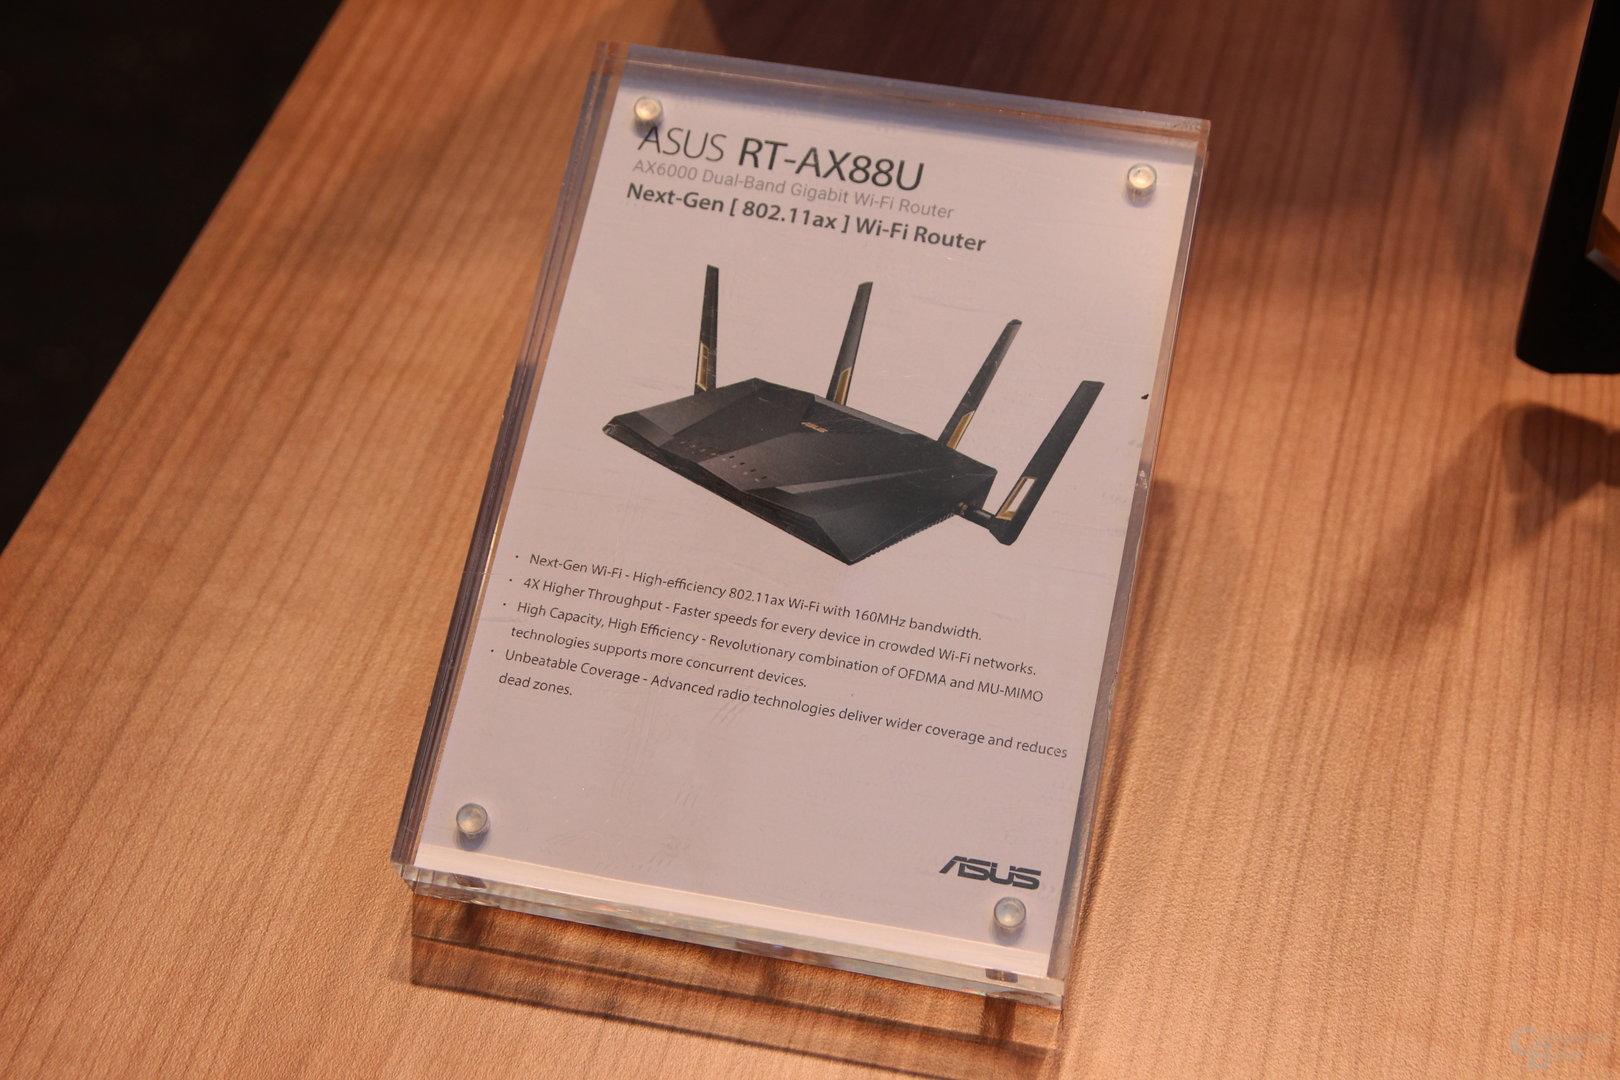 Asus RT-AX88U